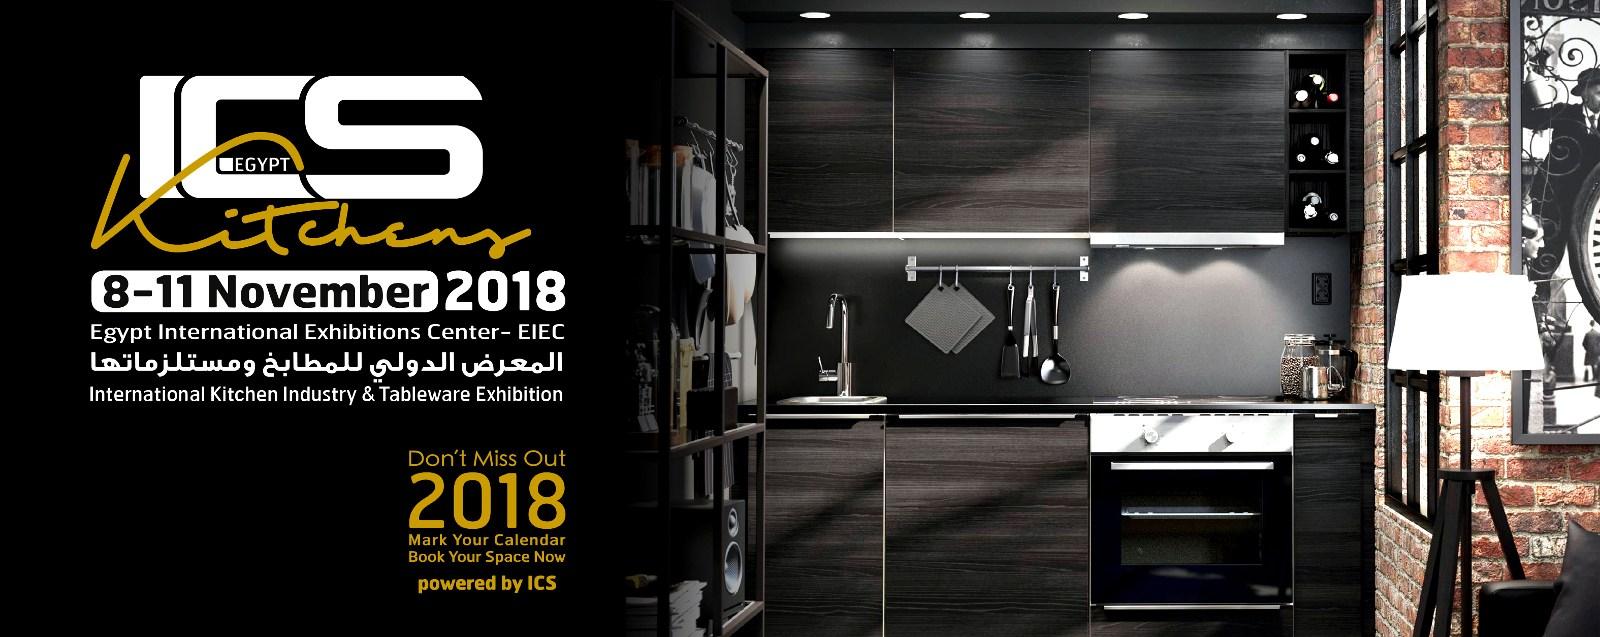 معرض السيراميك  ICS من 8 حتى 11 نوفمبر 2018 بمركز مصر للمعارض الدولية التجمع الخامس